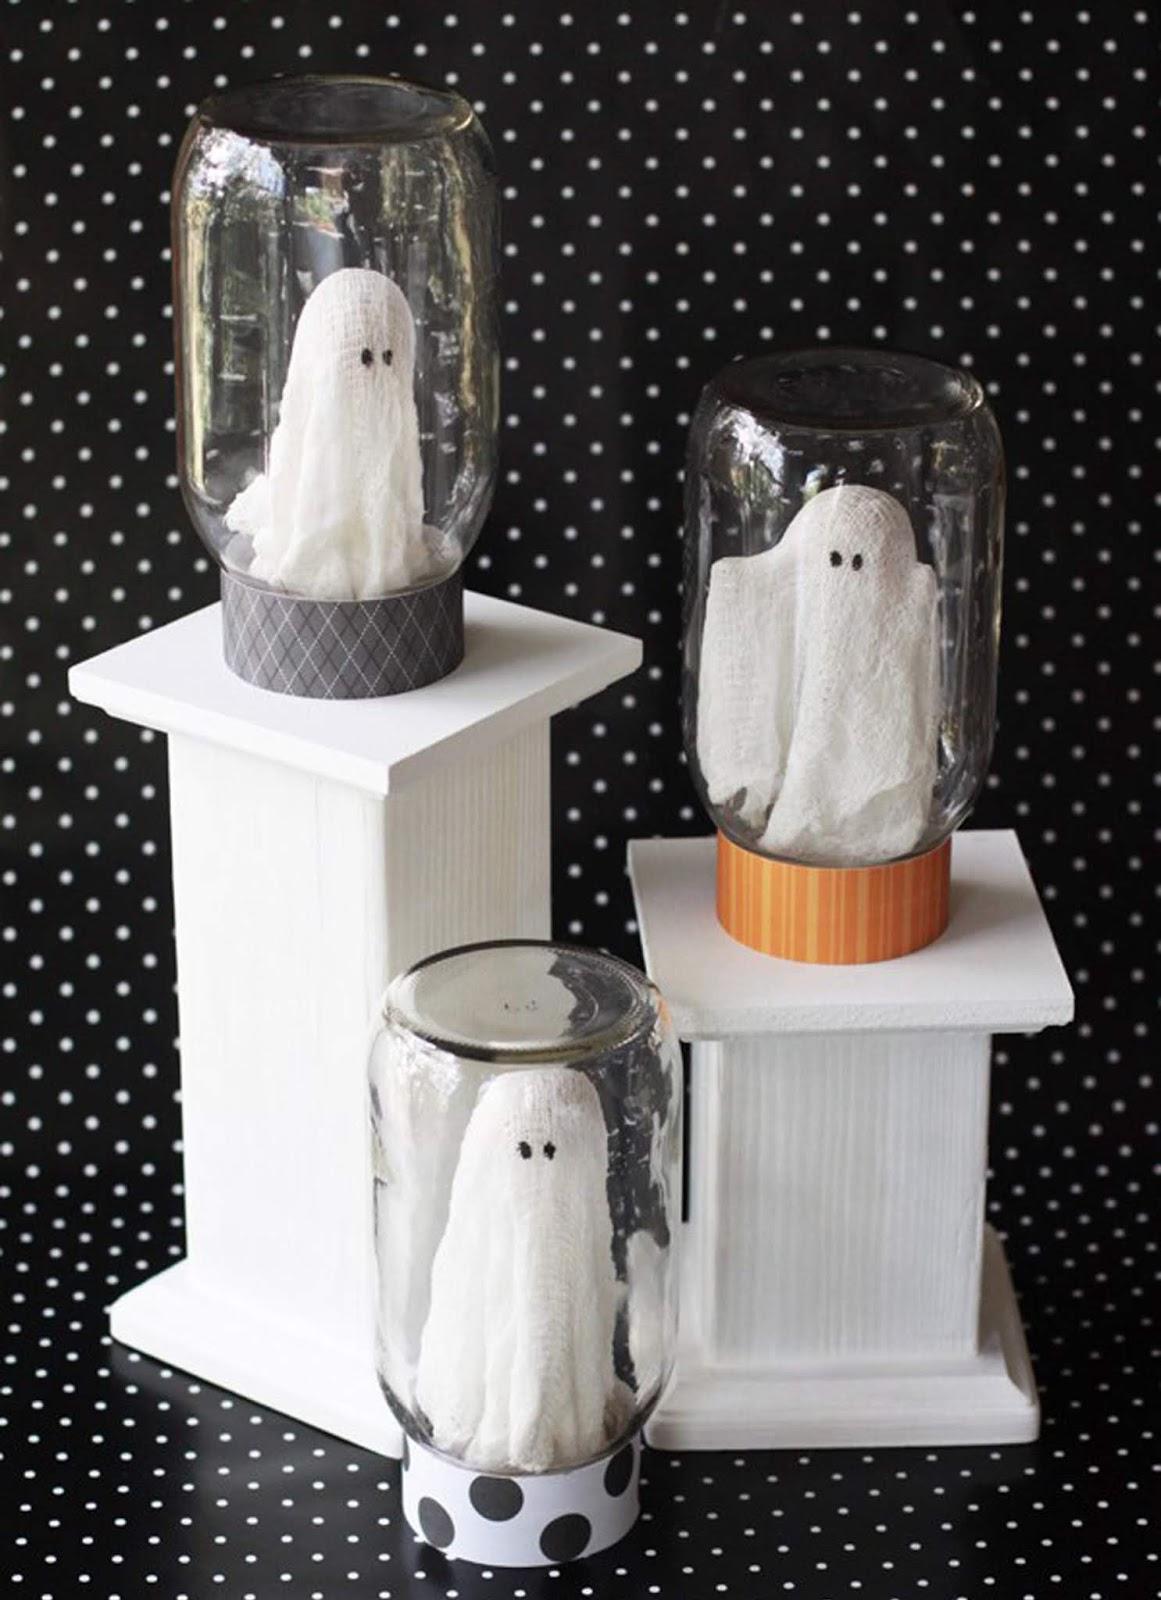 diy para decorar en halloween con fantasmas misteriosos dentro de tarros cazafantasmas fácil y económico